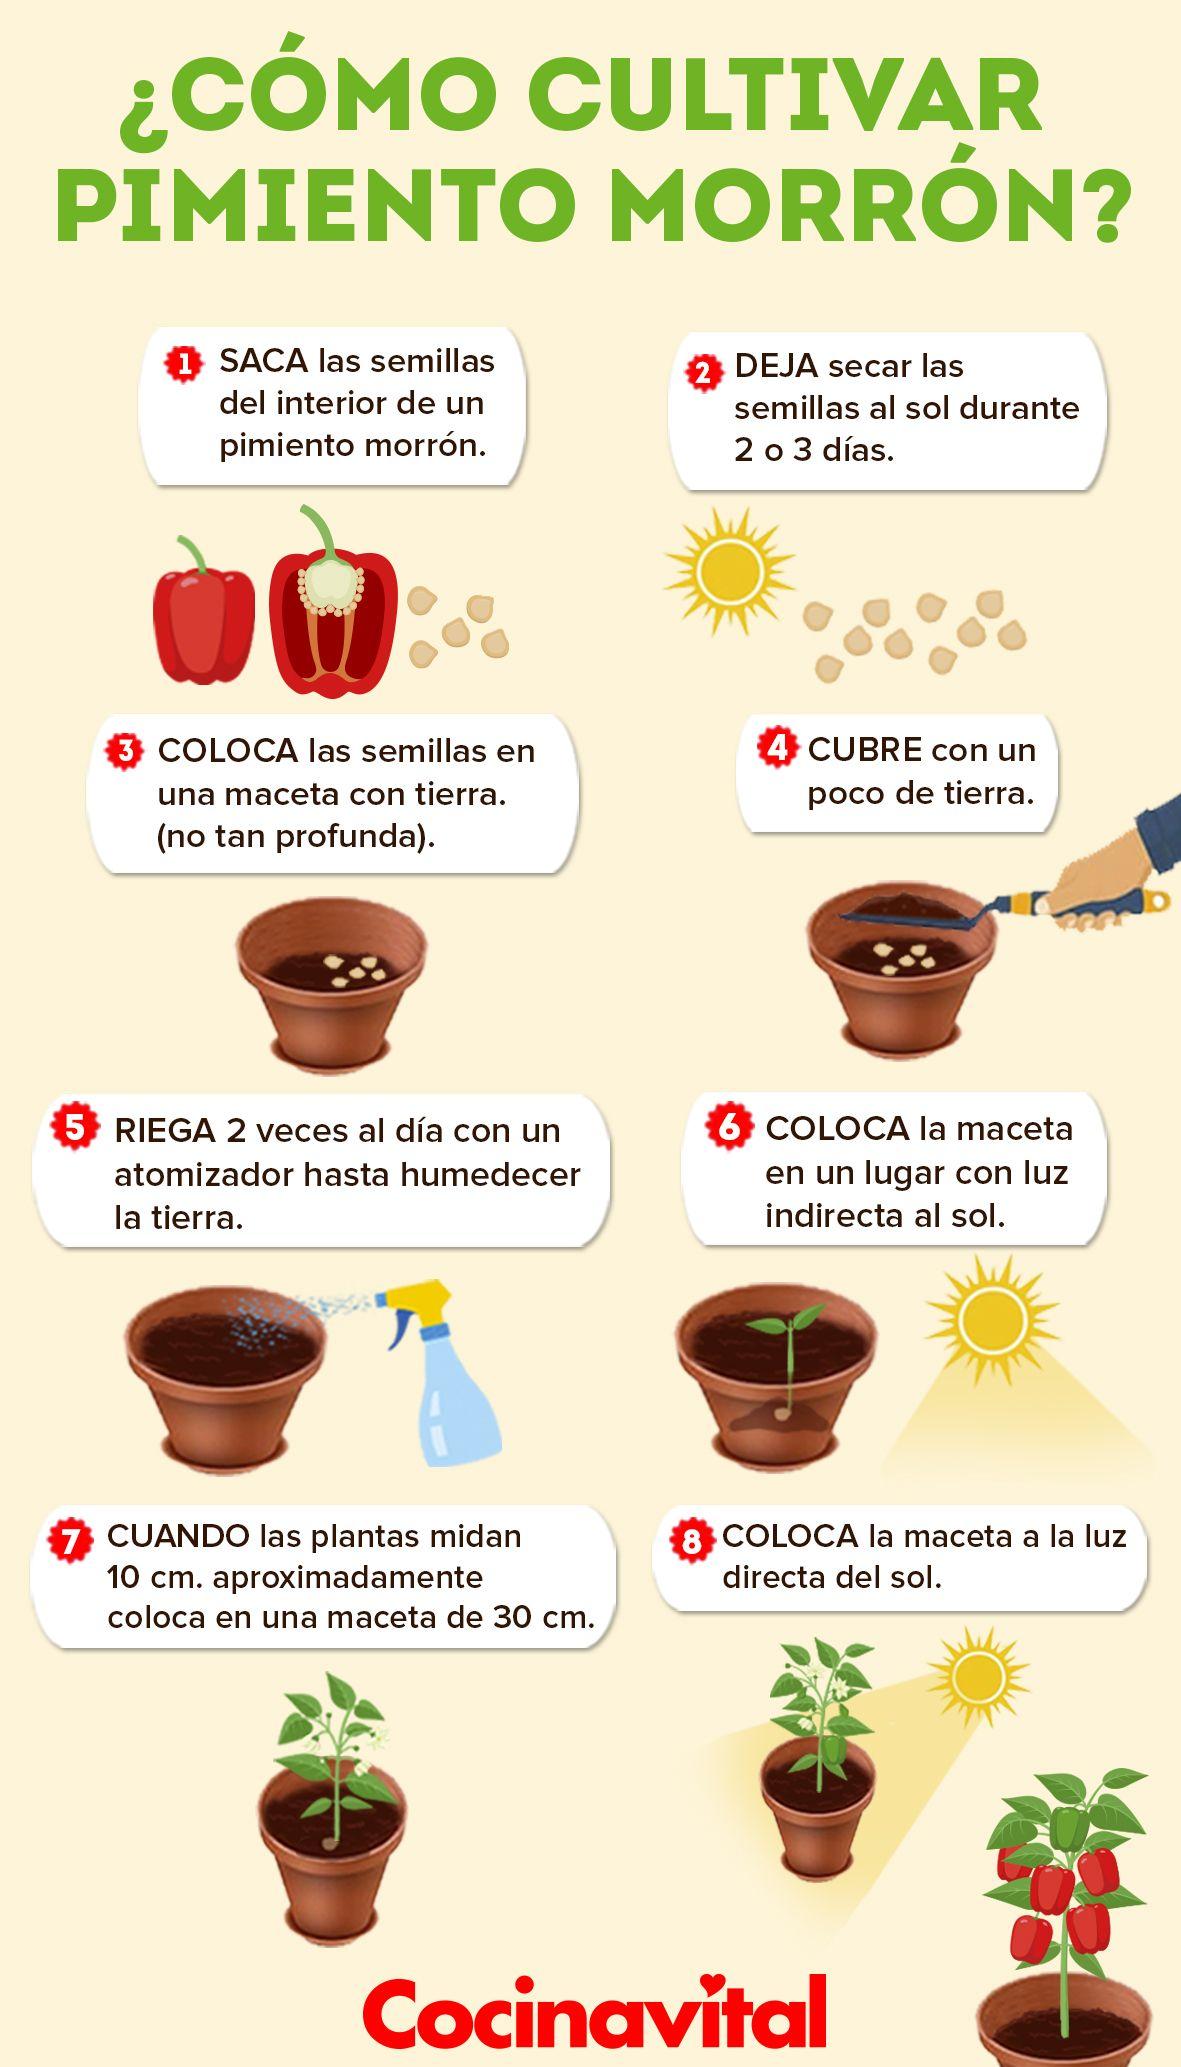 Cómo Cultivar Plantas De Pimientos Morrón En Macetas Cocina Vital Qué Cocinar Hoy Cultivo De Plantas Plantar Pimientos Jardín De Productos Comestibles